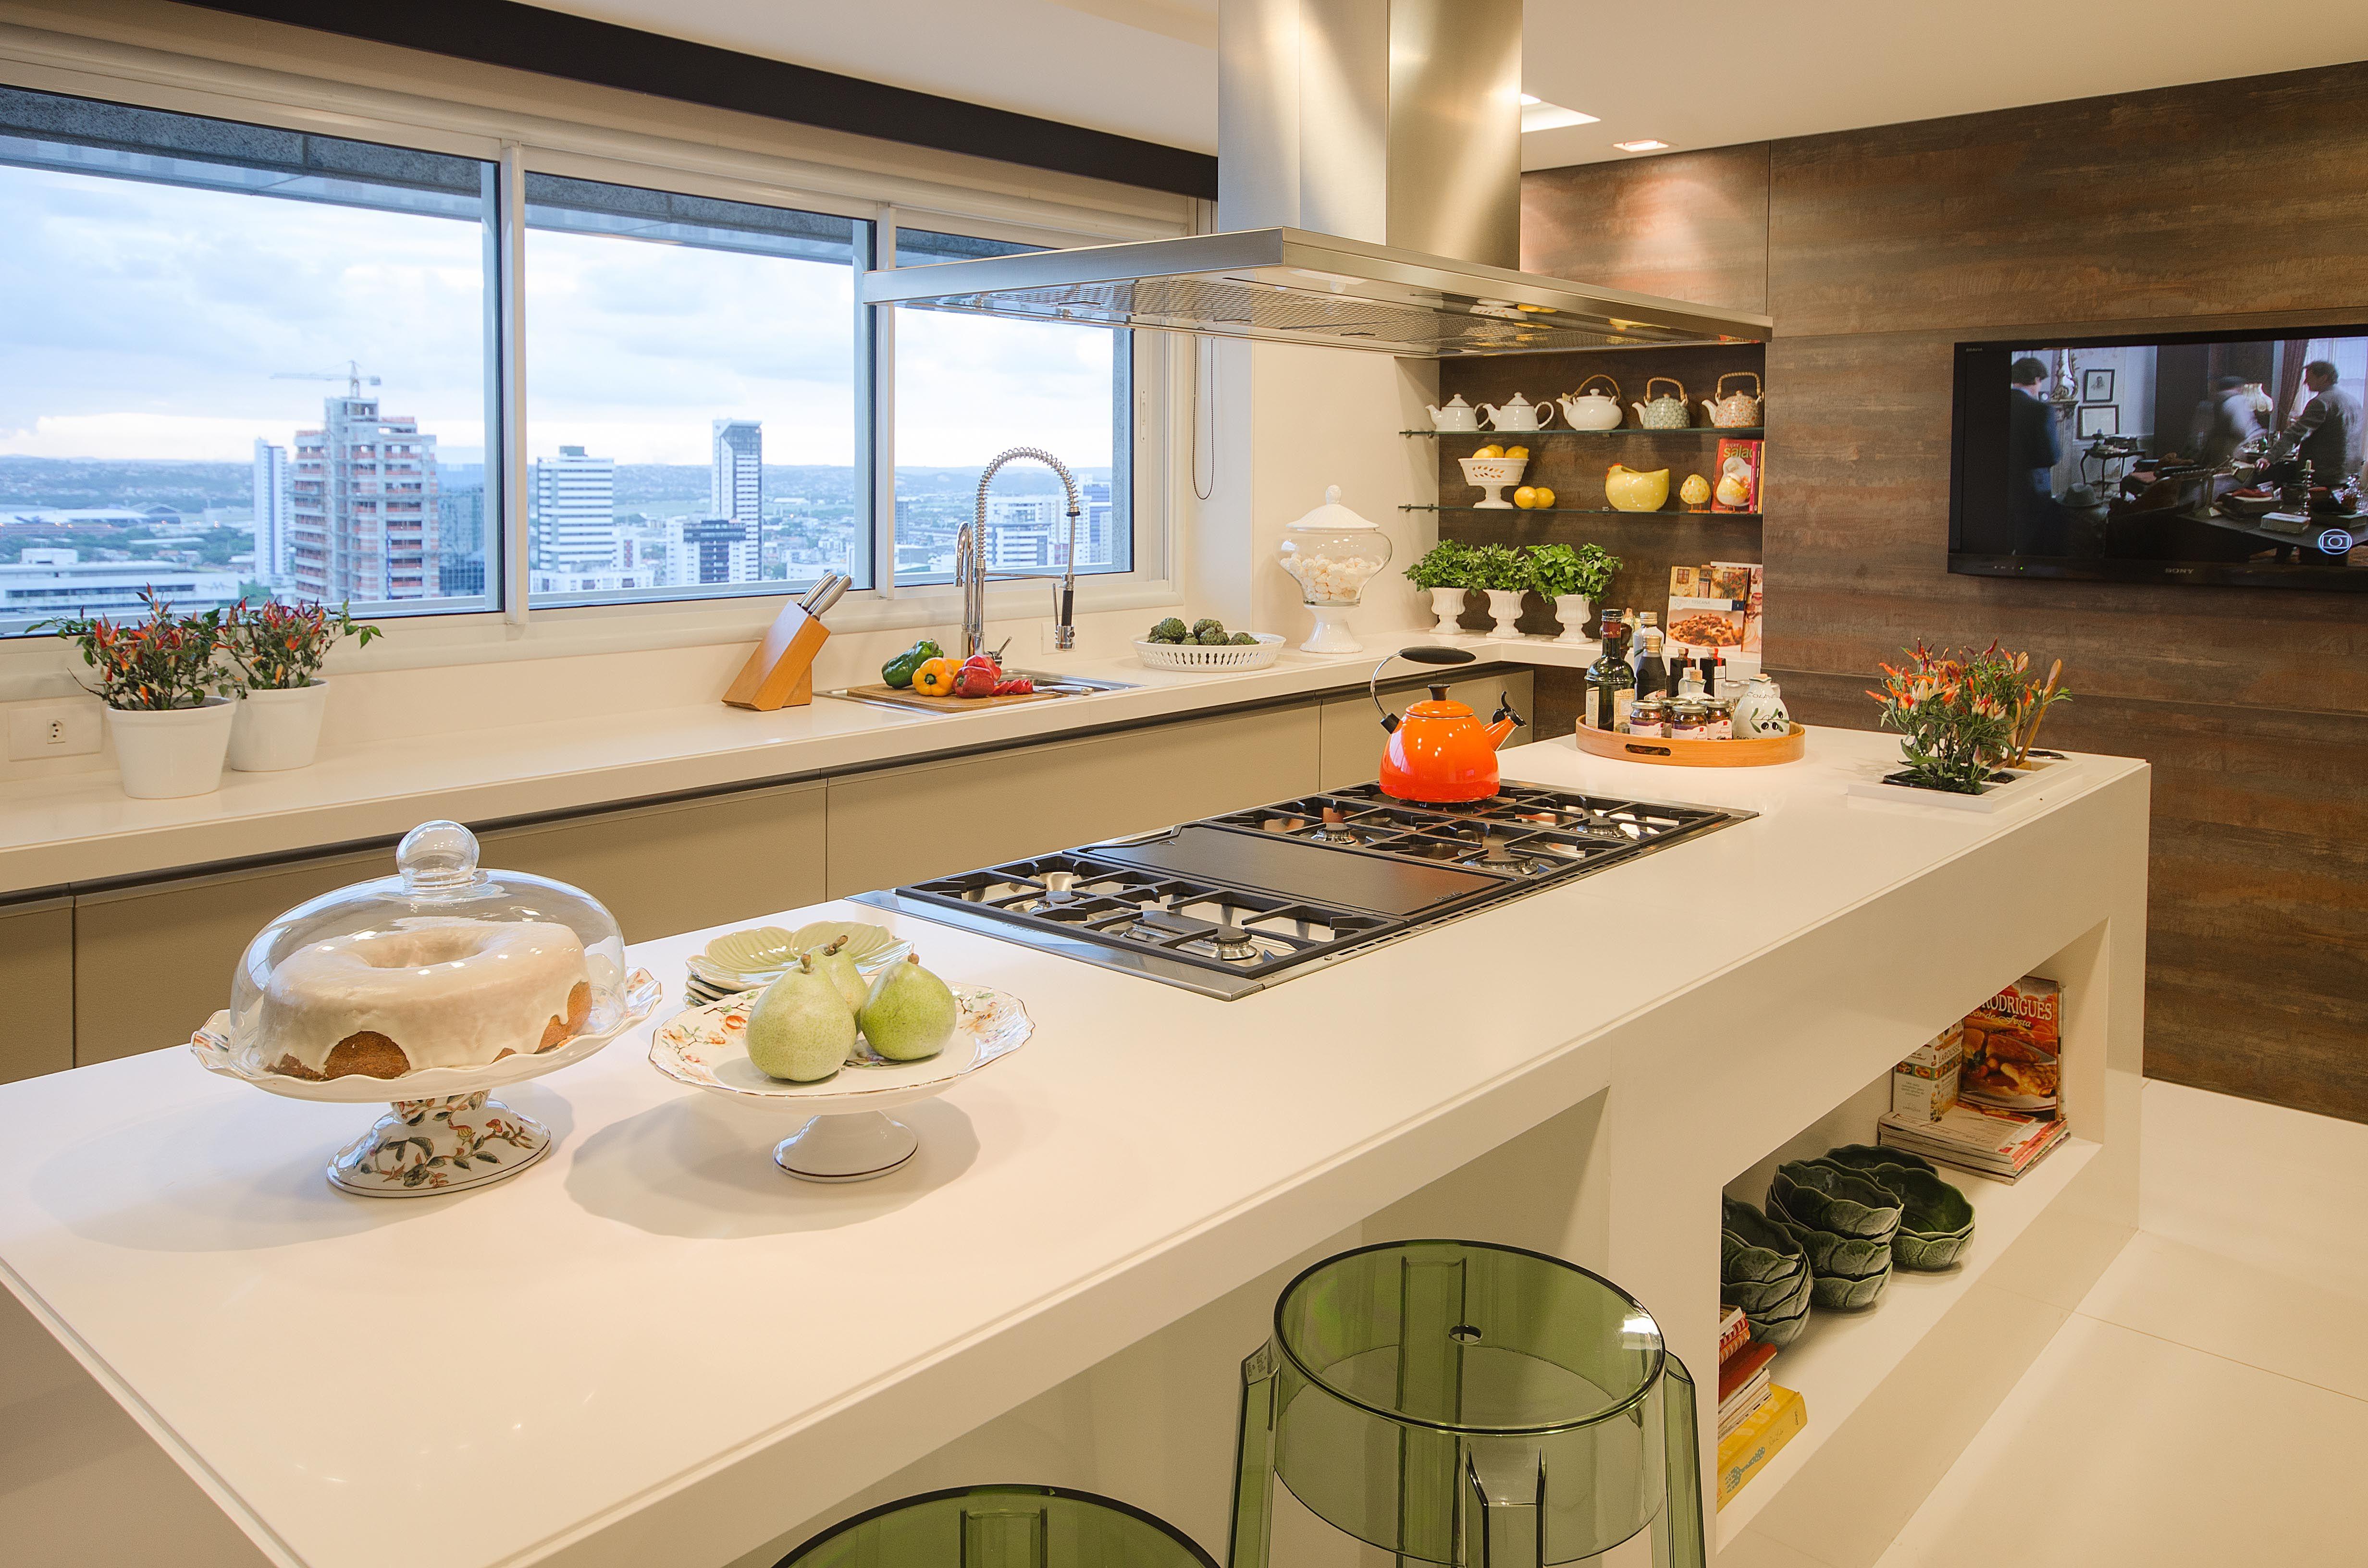 #A56826 cozinhas com ilha marcia nejaim 4928x3264 px Projetos De Cozinhas Gourmets_5733 Imagens